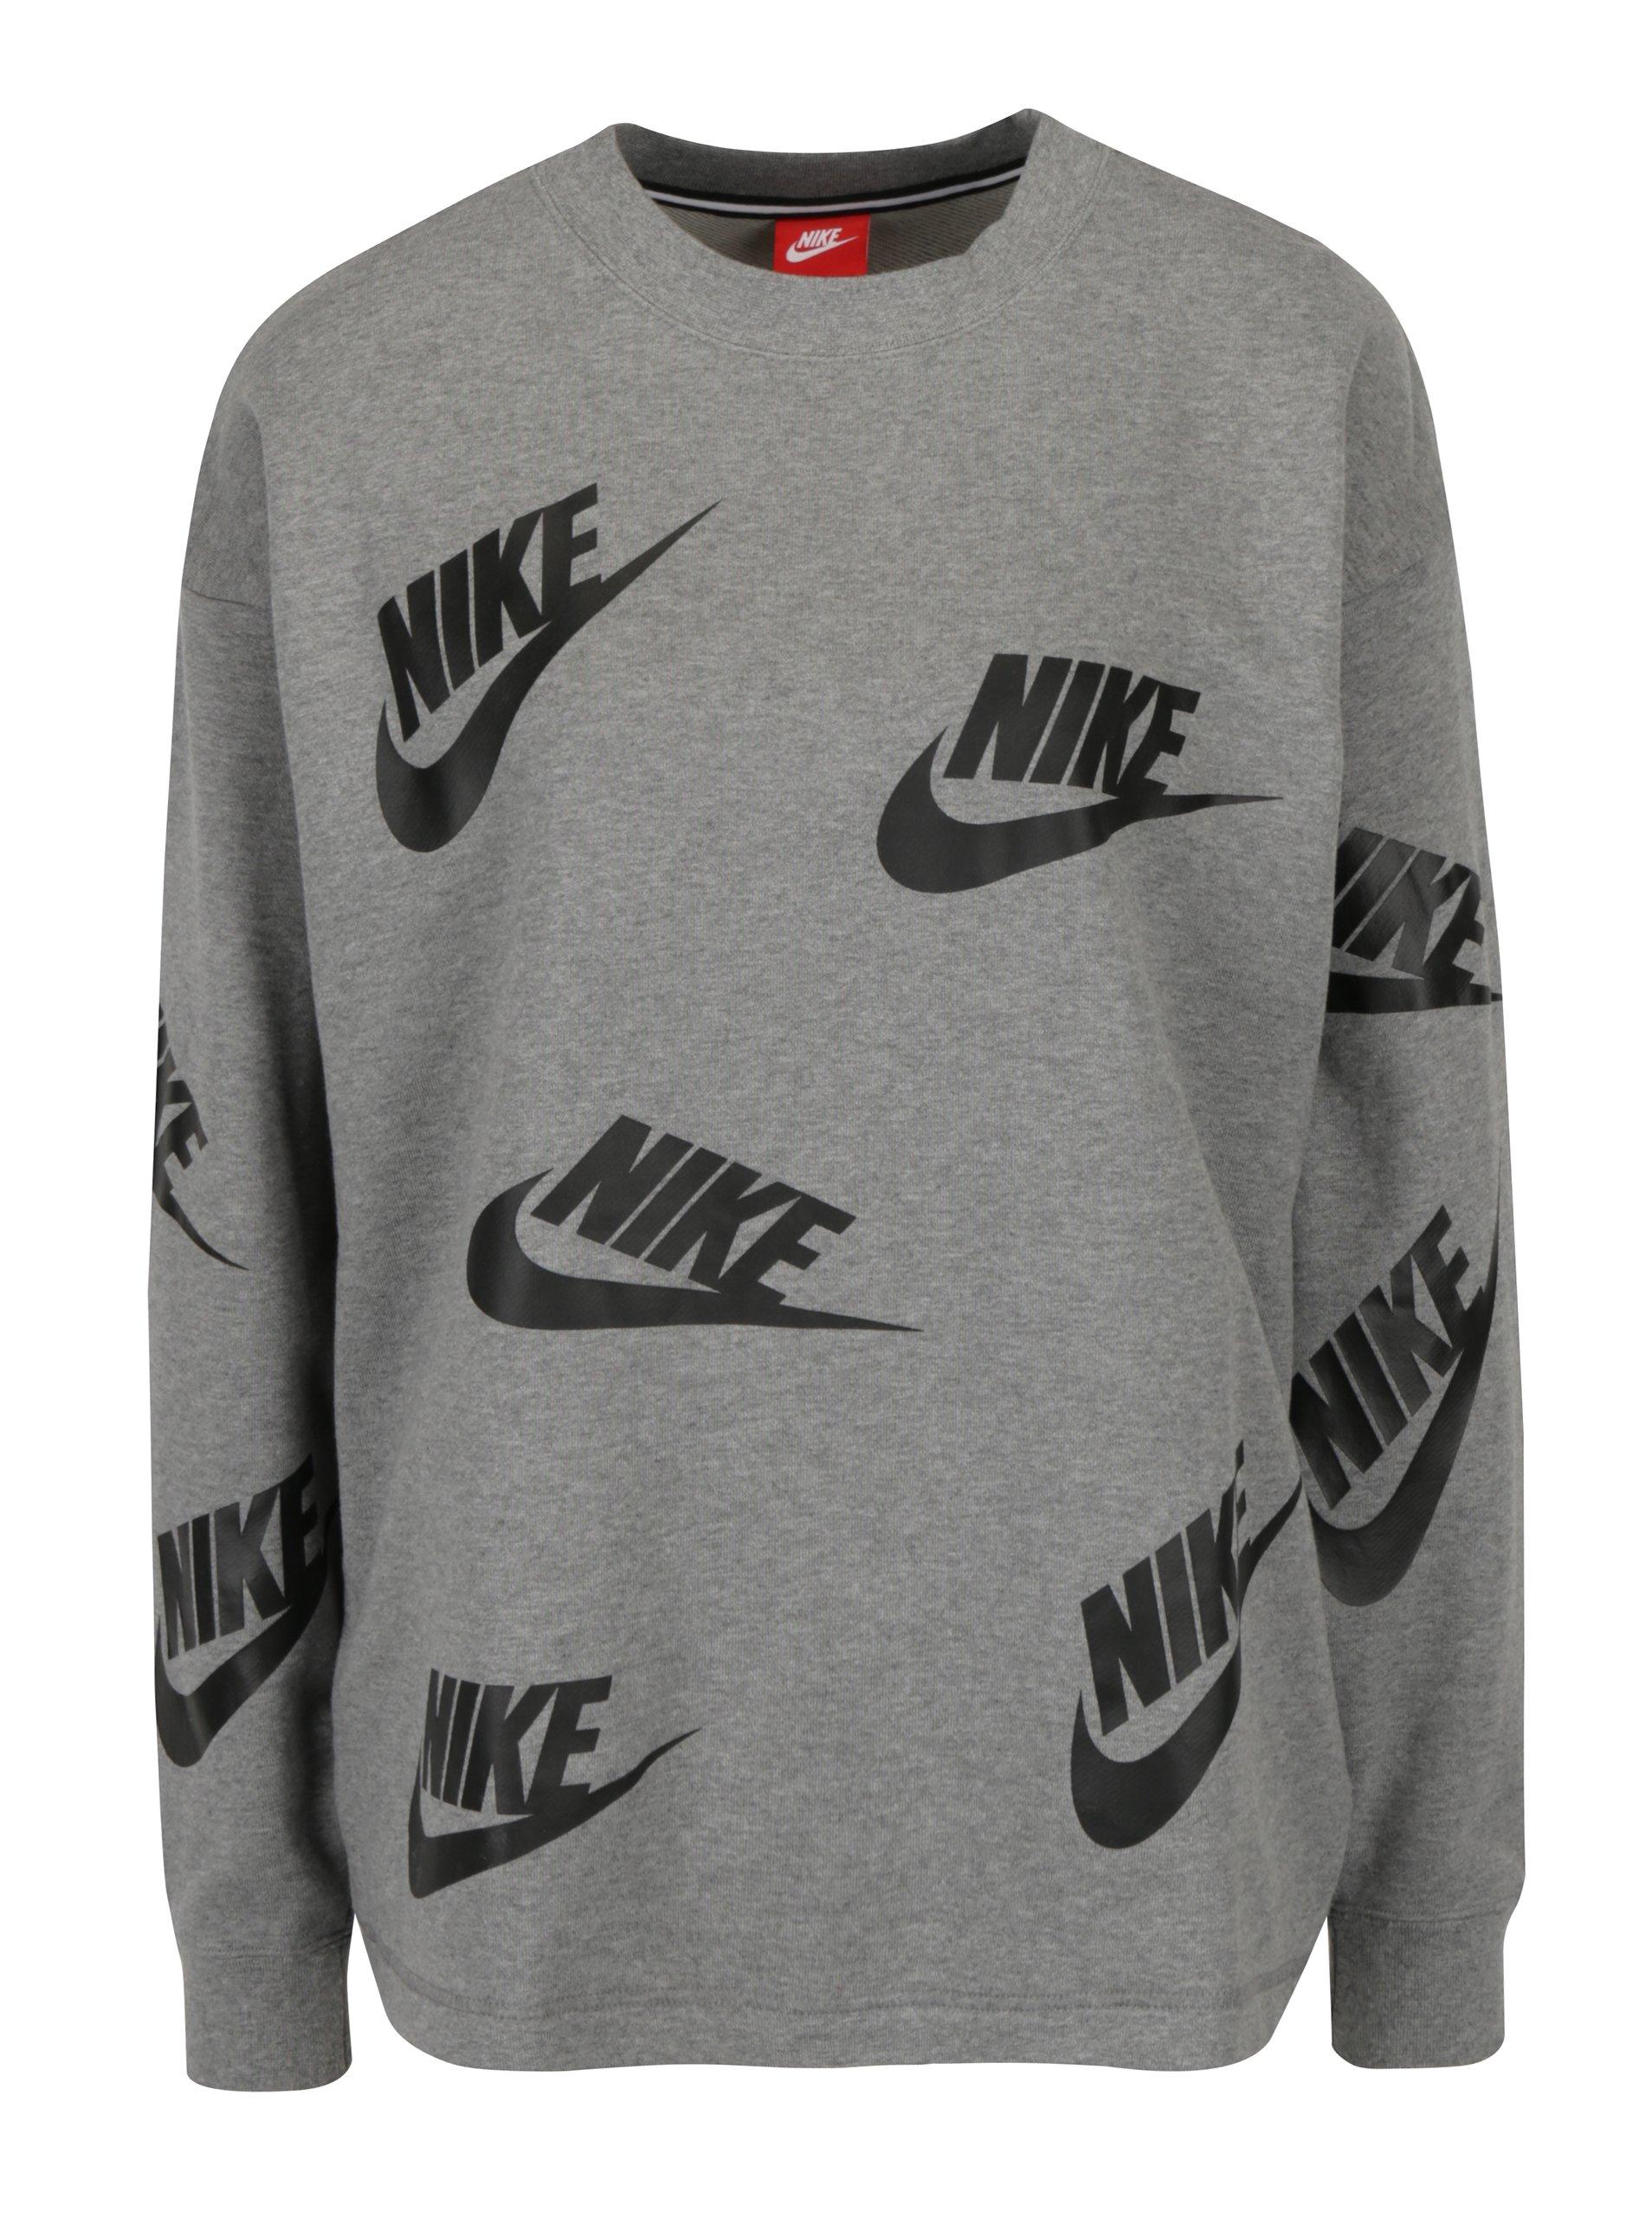 Šedá dámská mikina s potiskem Nike Sportswear